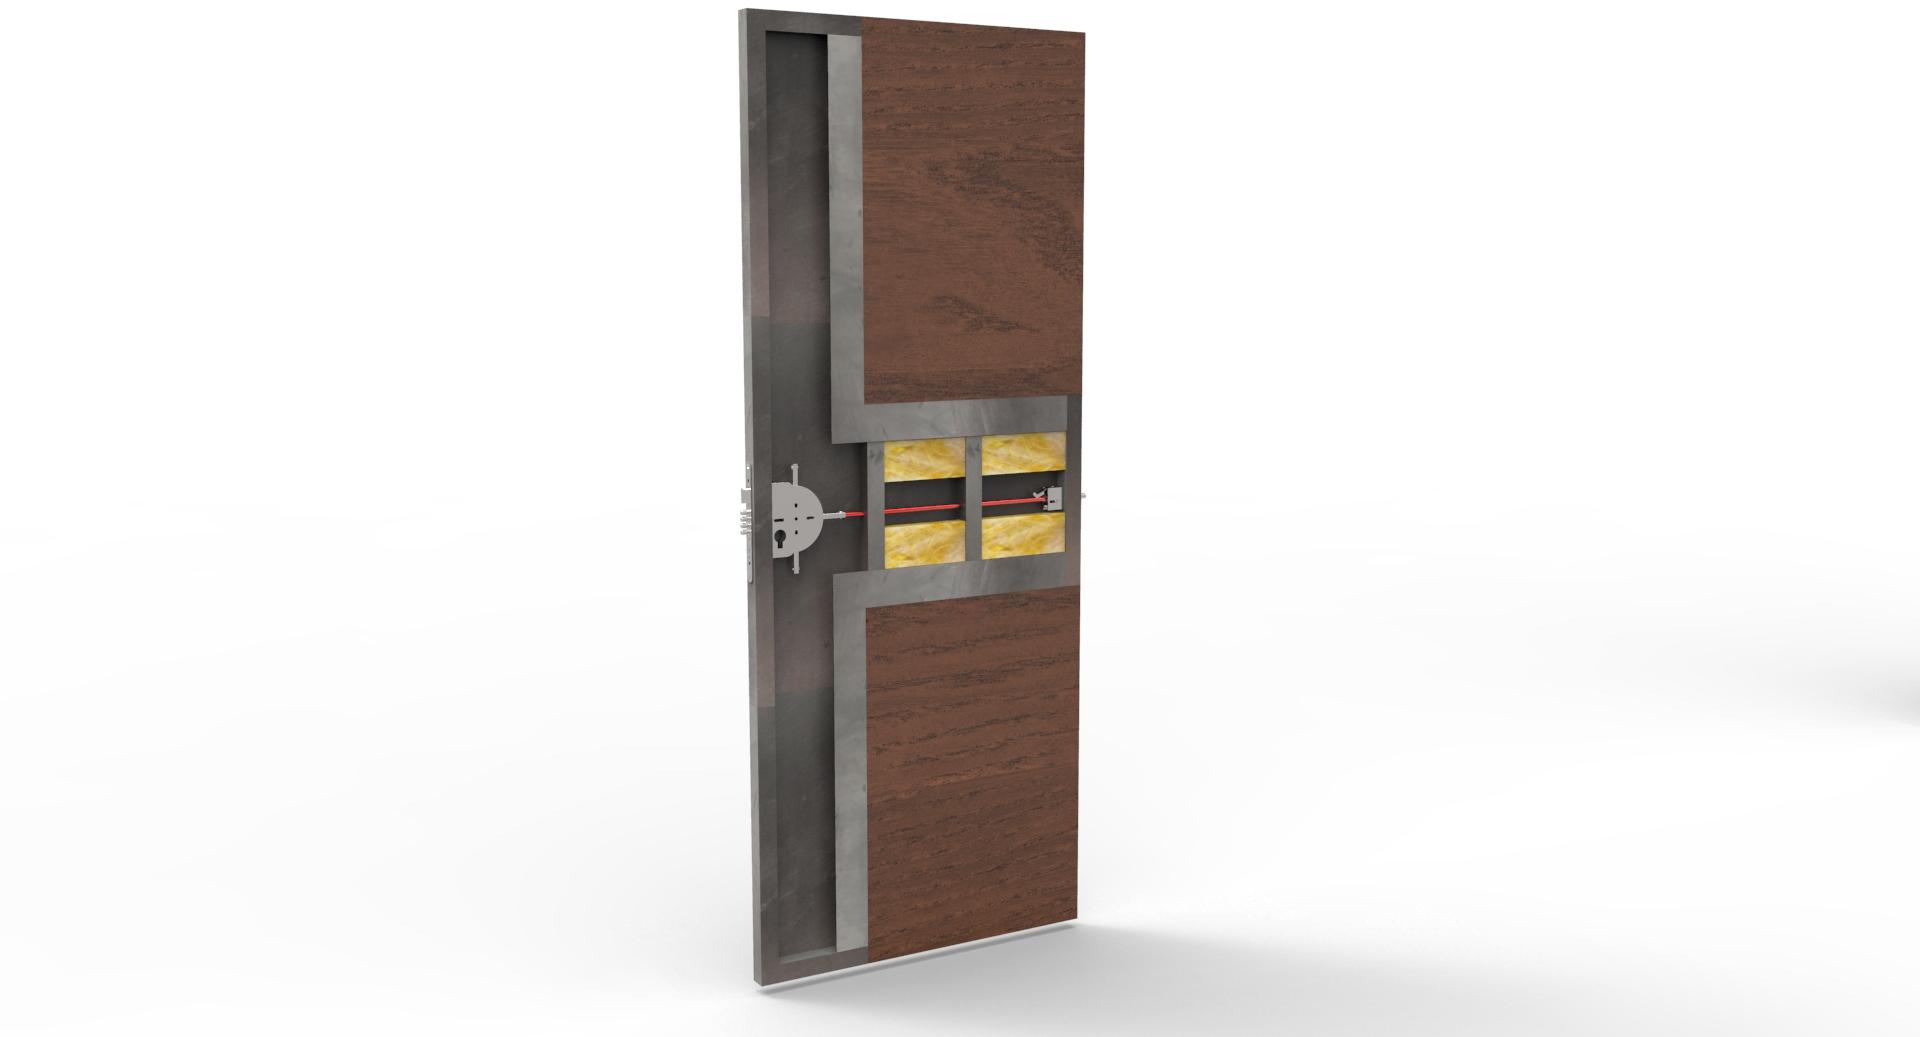 Puertas de Seguridad, Puertas Blindadas con cierre en 2 Direcciones -